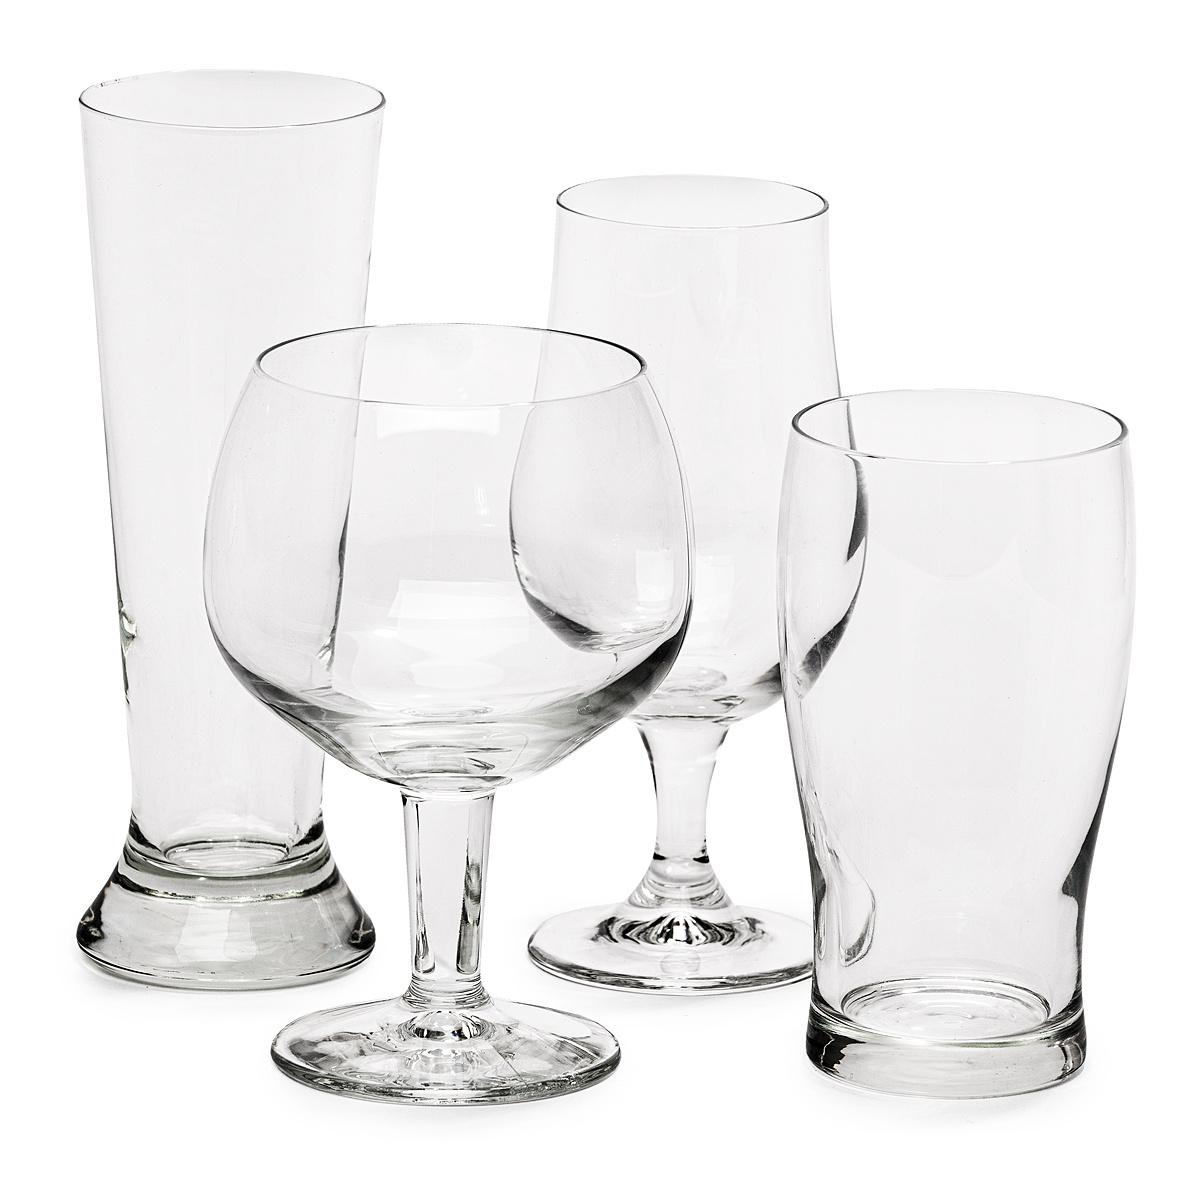 Sada pivných pohárov, 4 ks